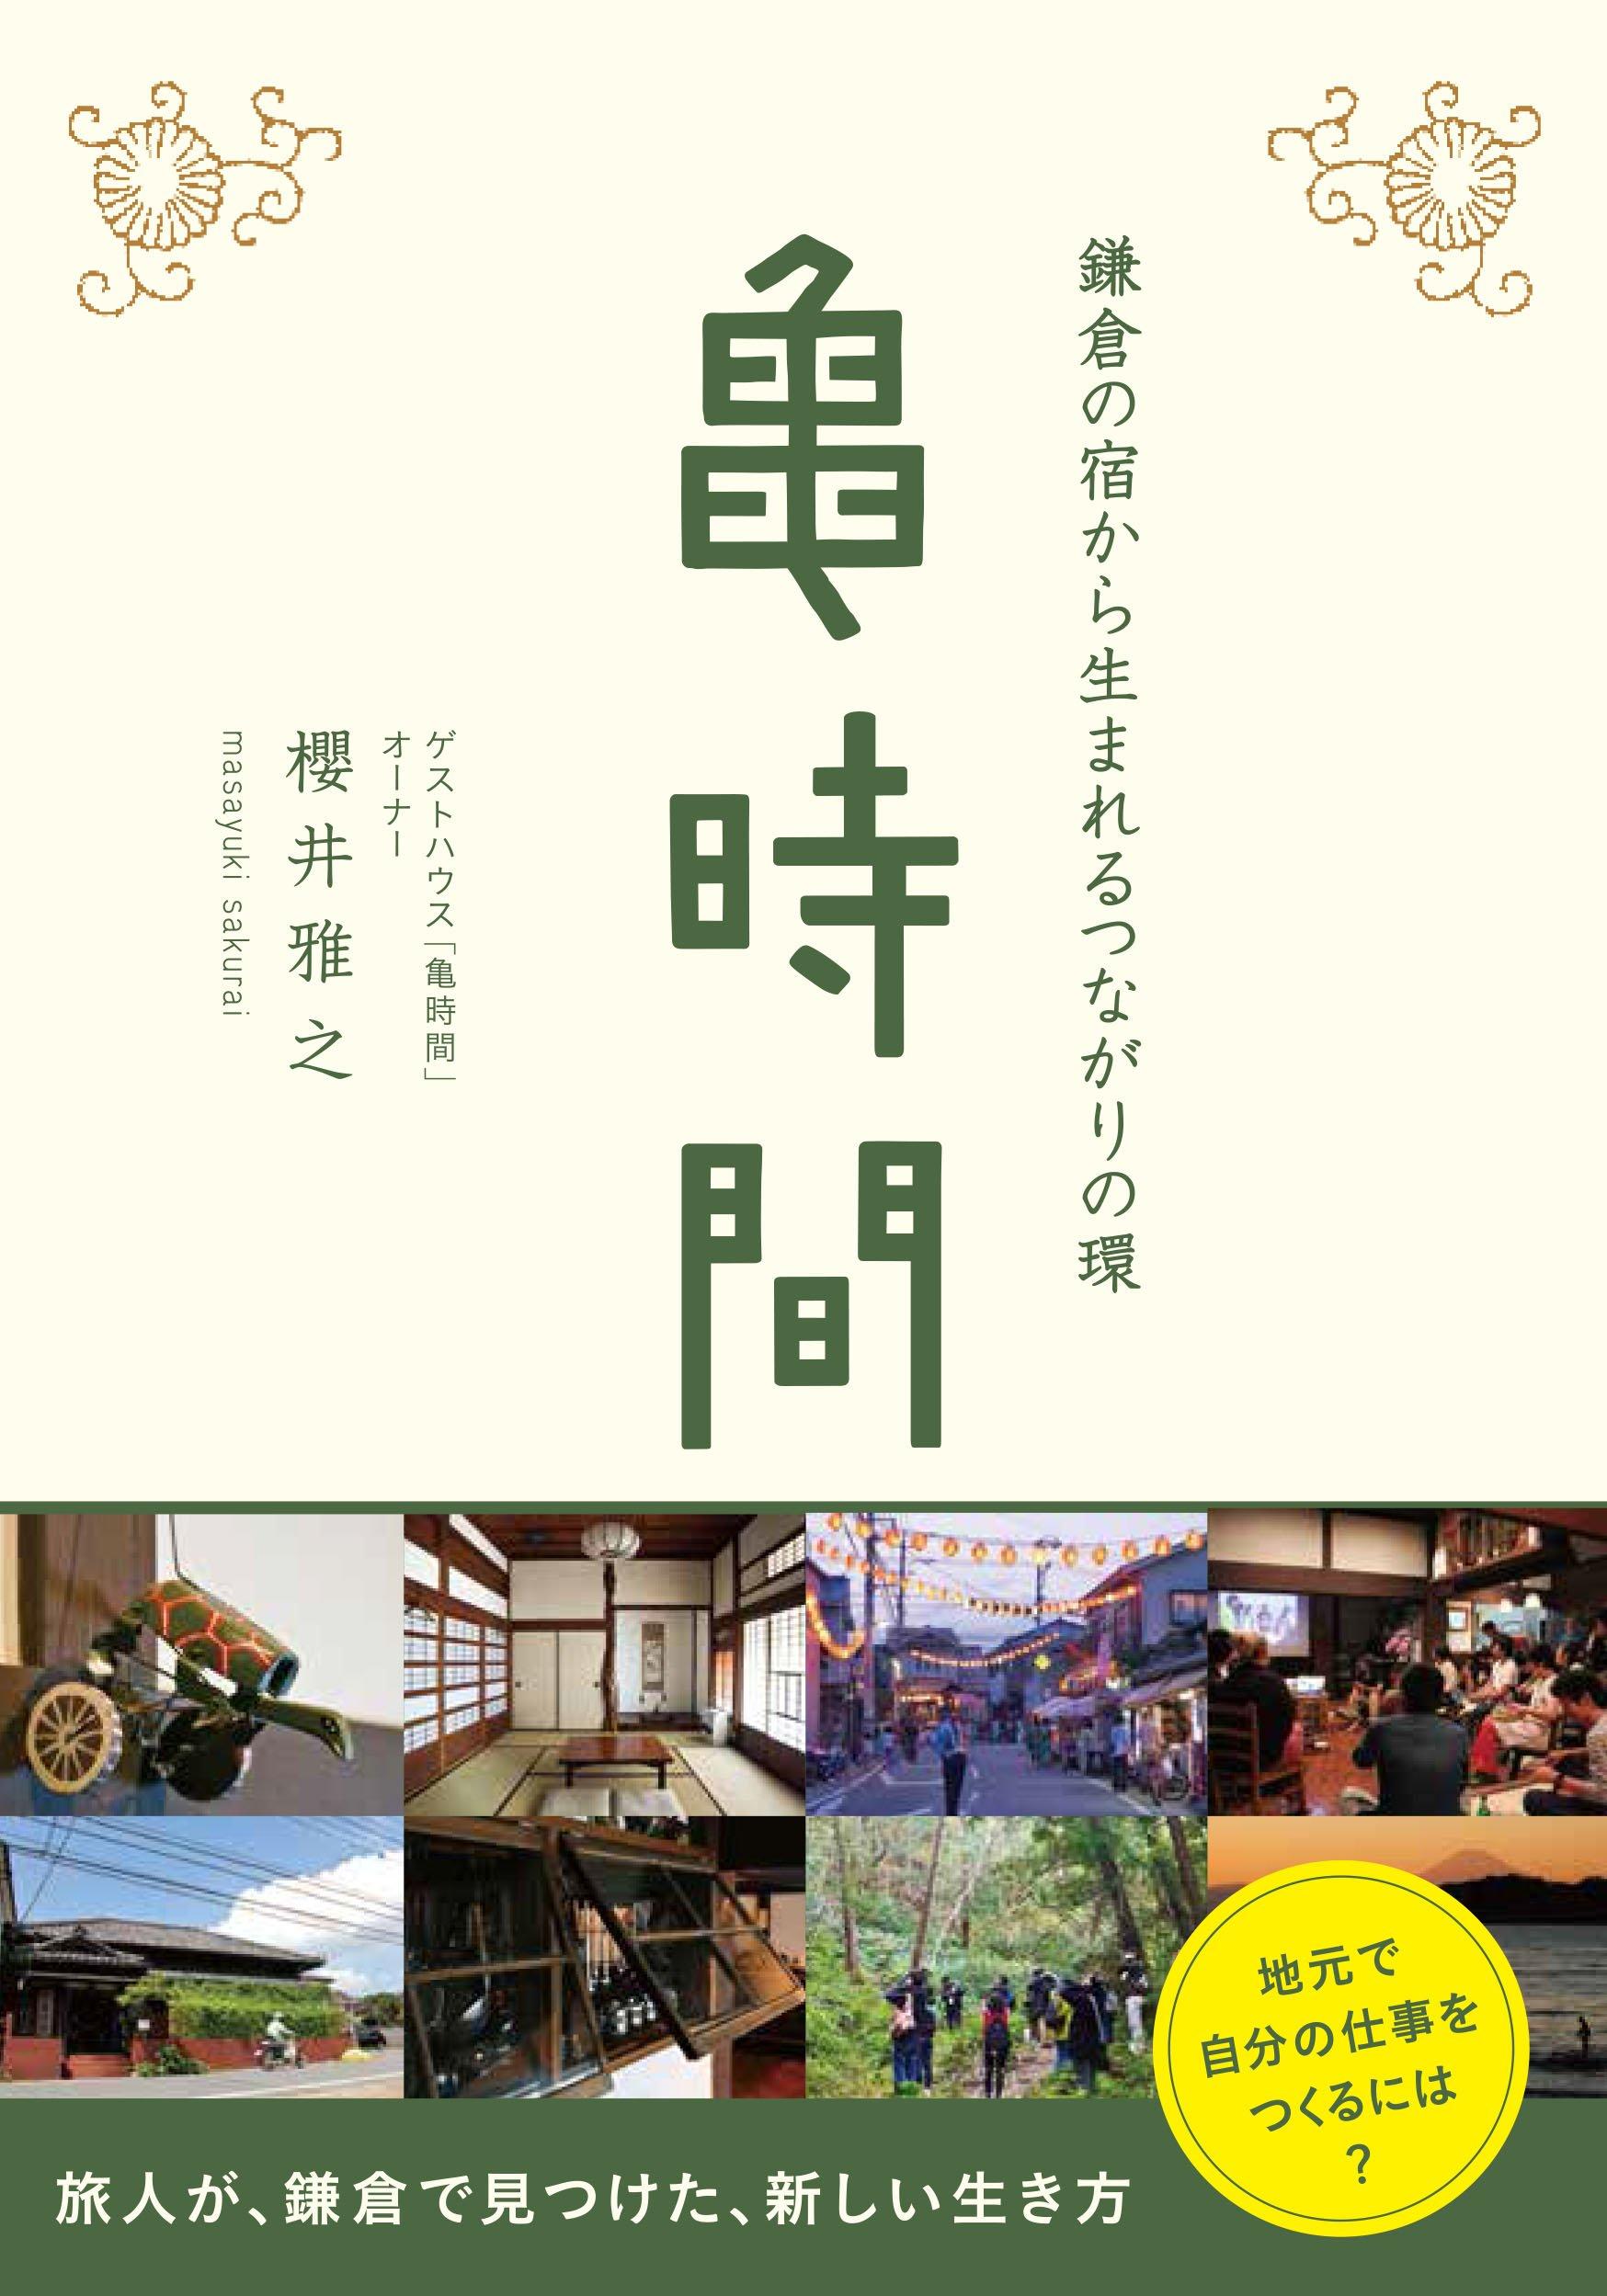 亀時間|神奈川県鎌倉市 ゲストハウス亀時間 著